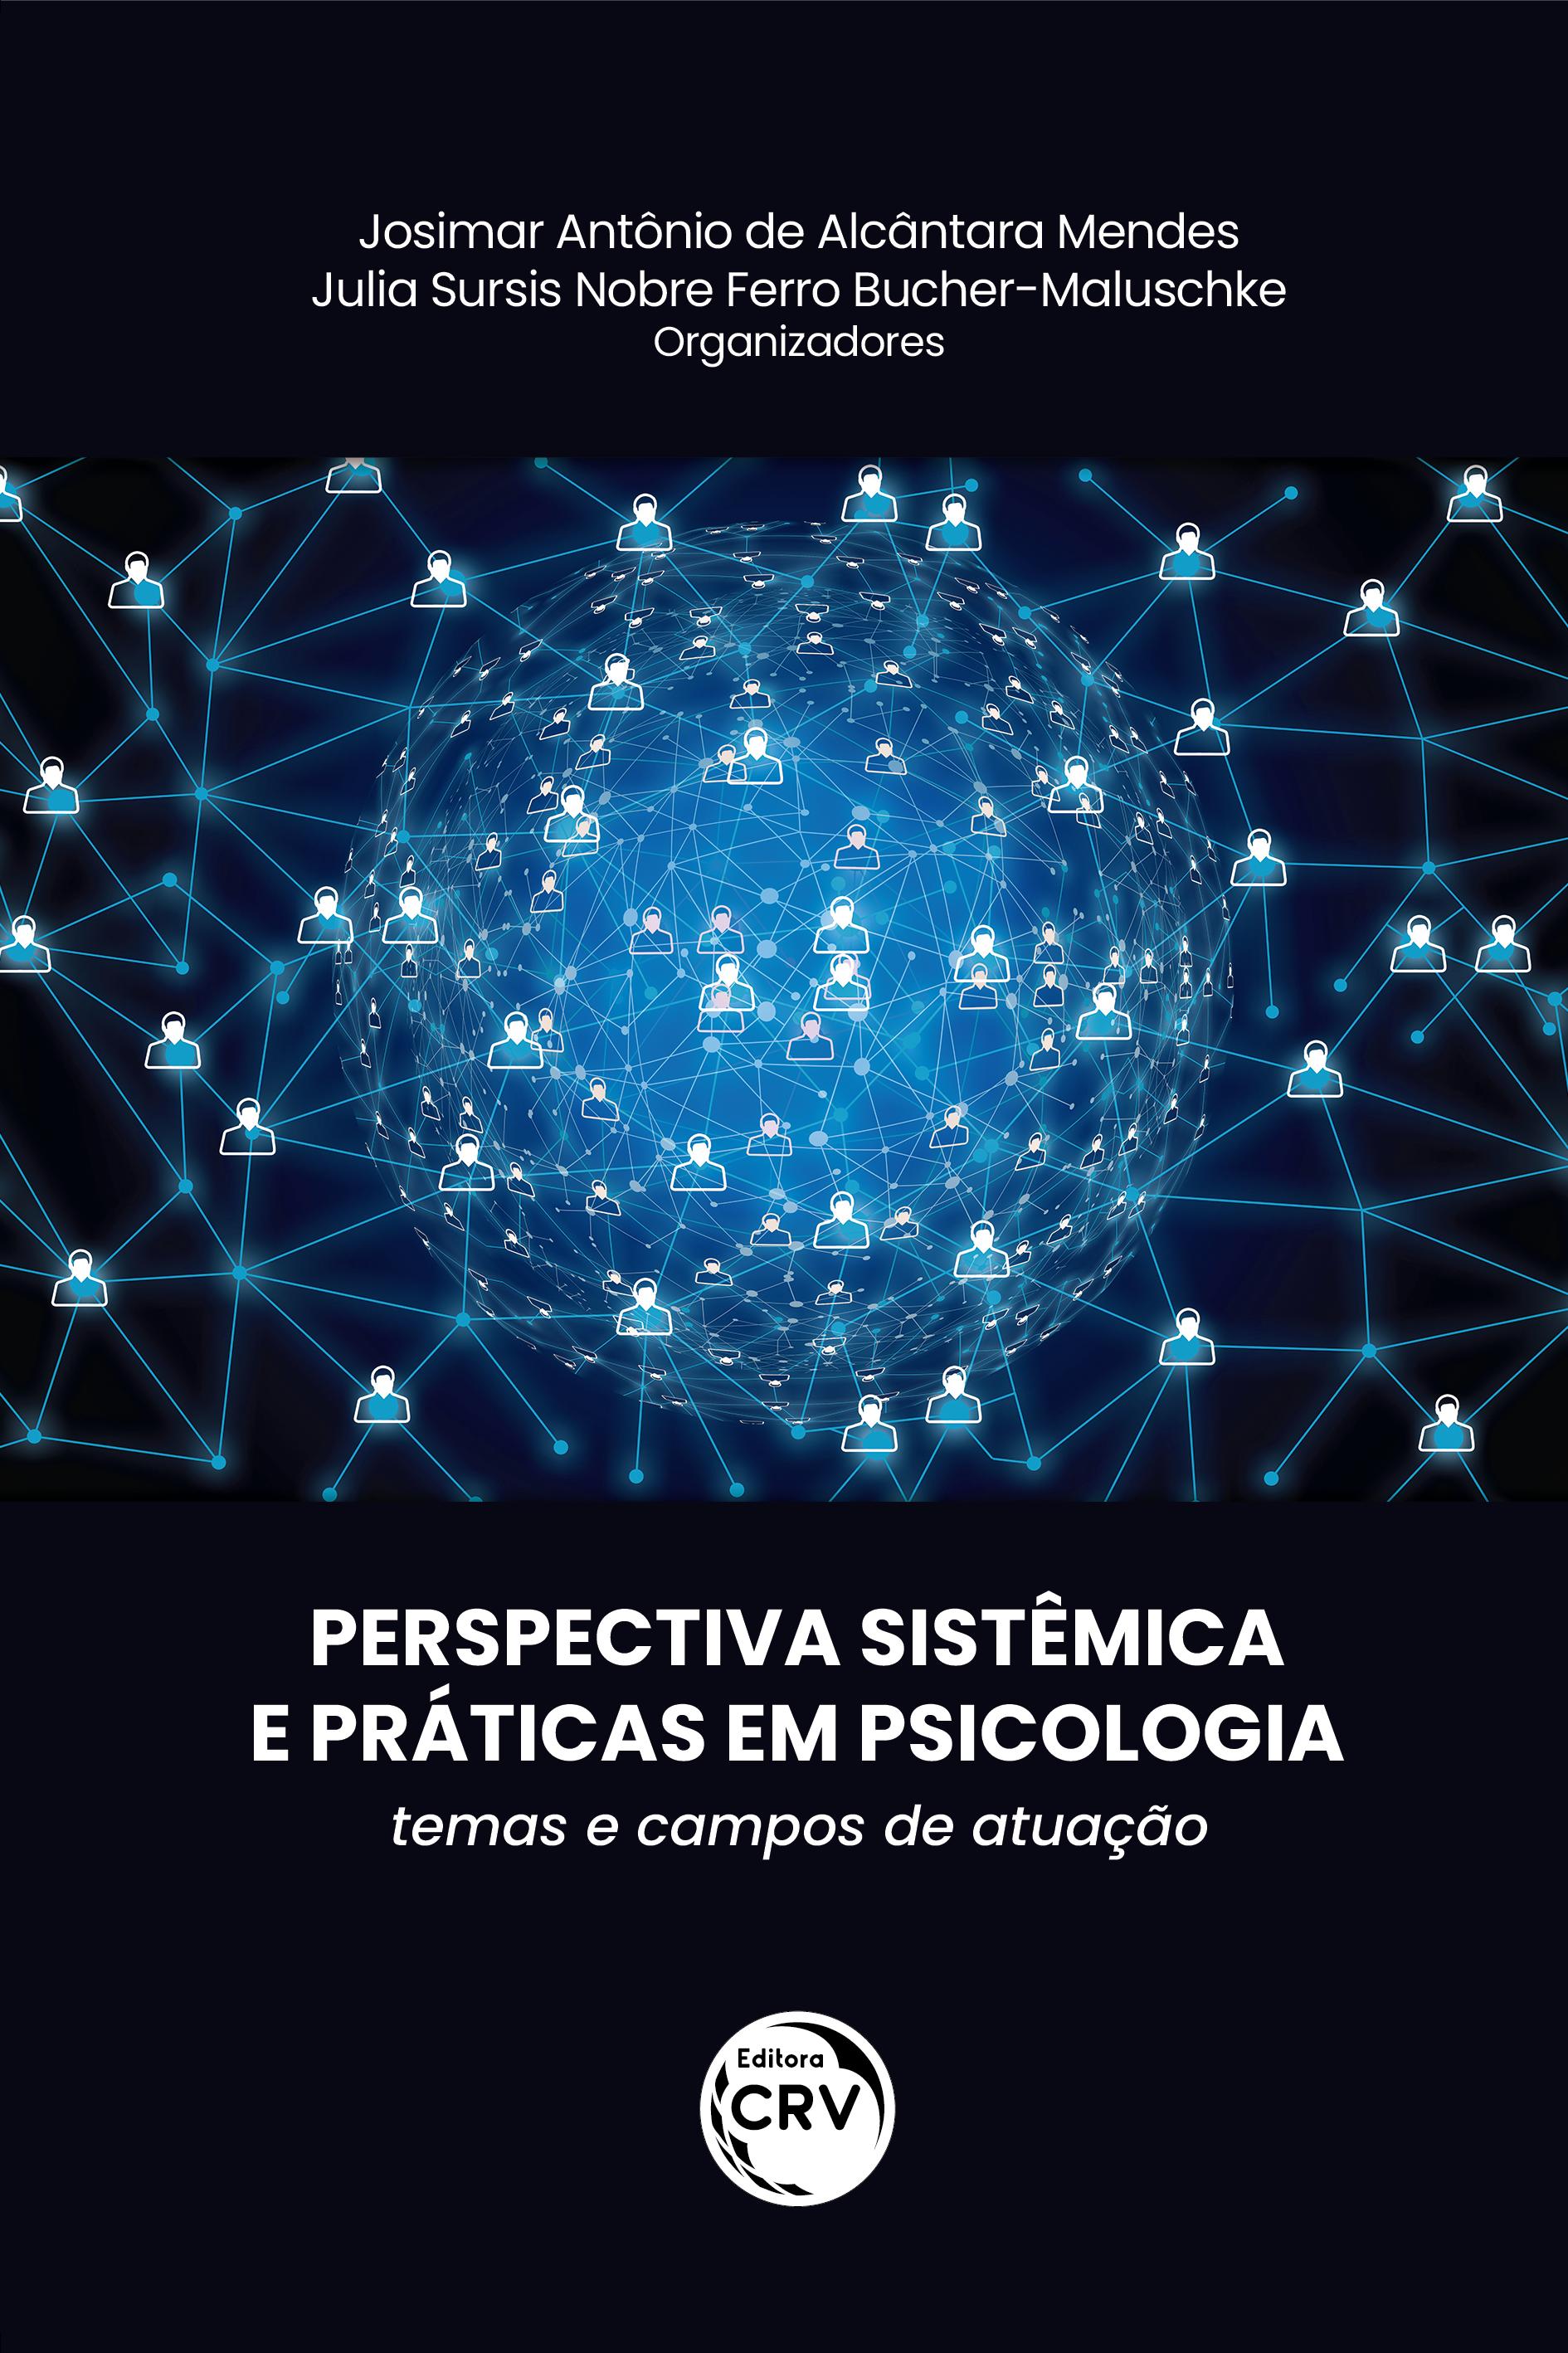 Capa do livro: PERSPECTIVA SISTÊMICA E PRÁTICAS EM PSICOLOGIA: <br>temas e campos de atuação